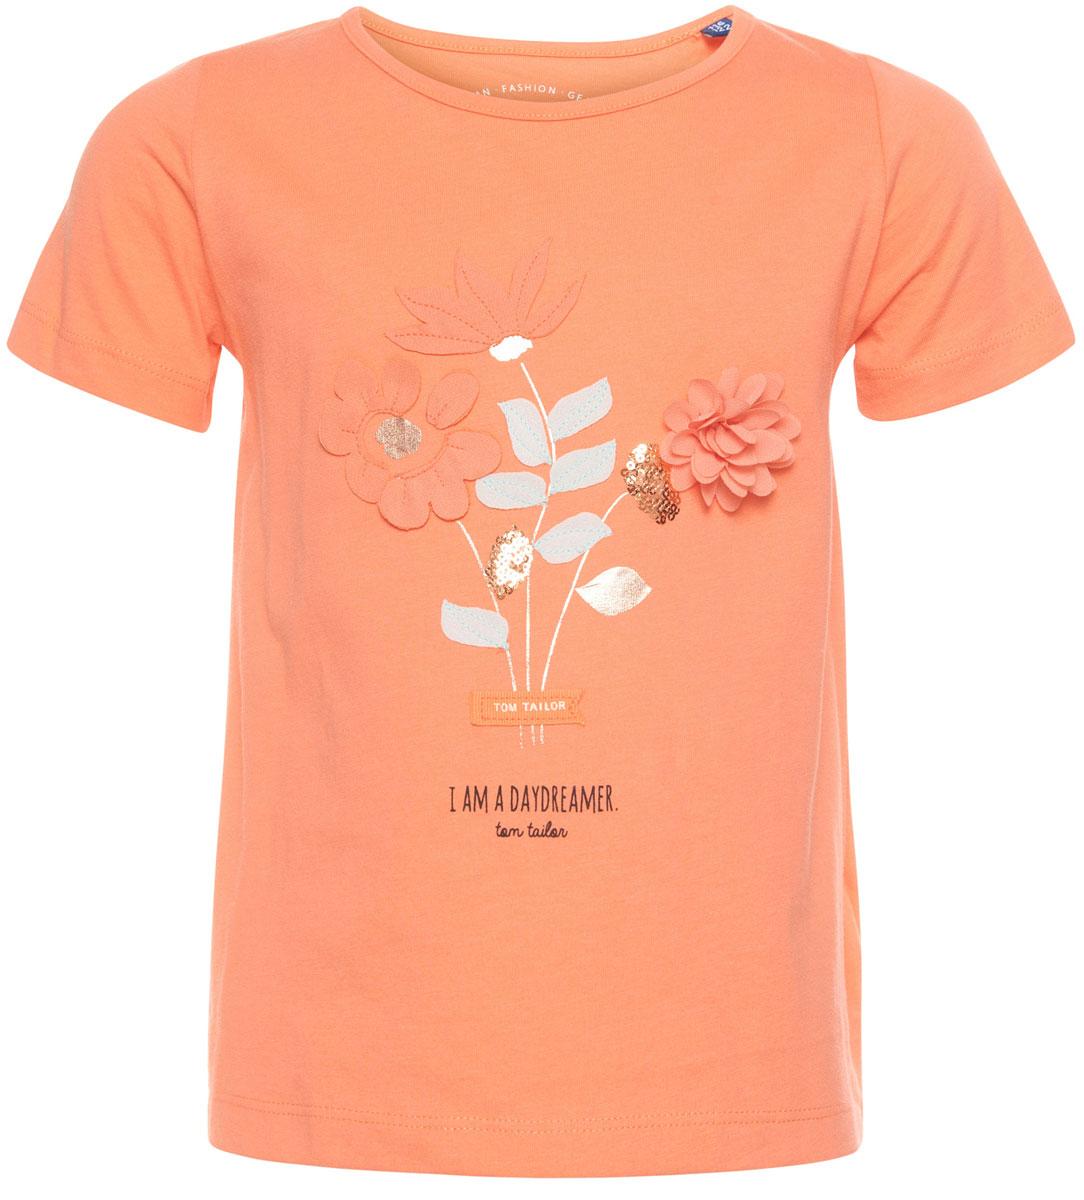 Футболка для девочки Tom Tailor, цвет: оранжевый. 1037044.00.81_3335. Размер 116/122 джинсы для девочки tom tailor цвет синий 6205466 00 81 1094 размер 122